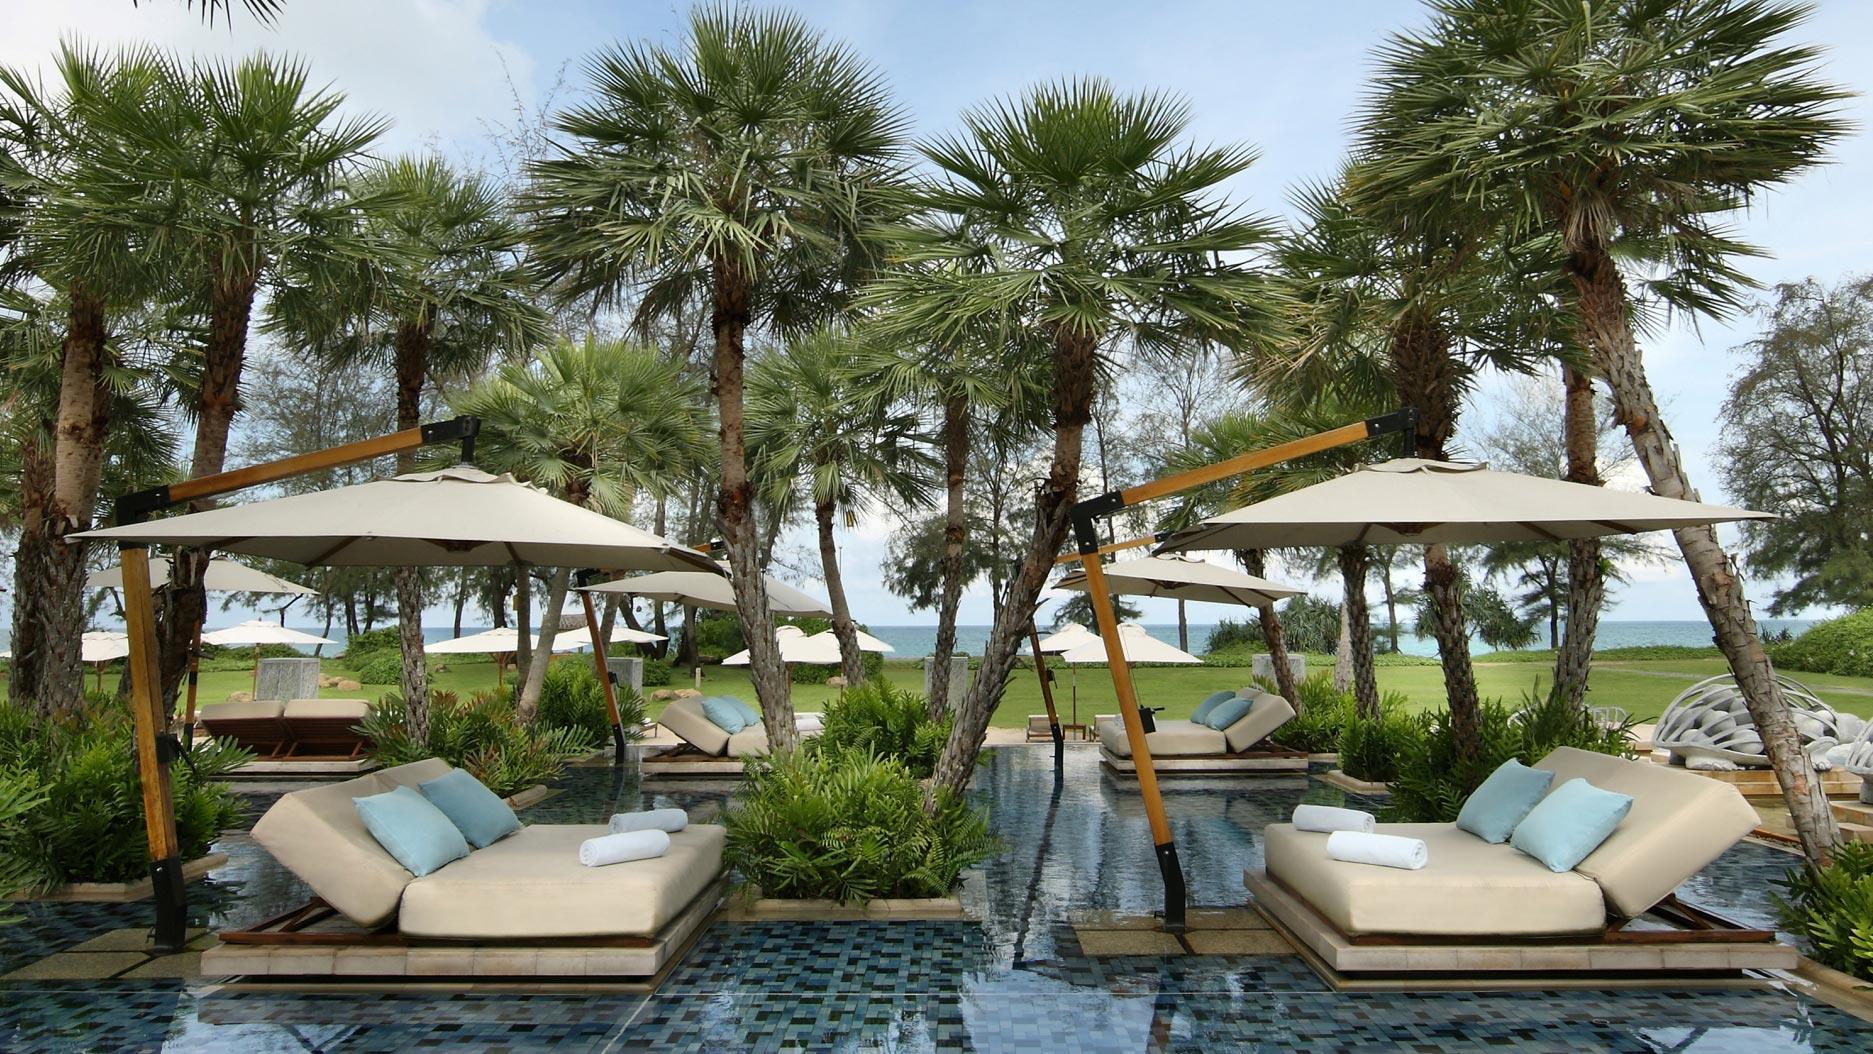 7.Anantara Mai Khao Villas, Phuket